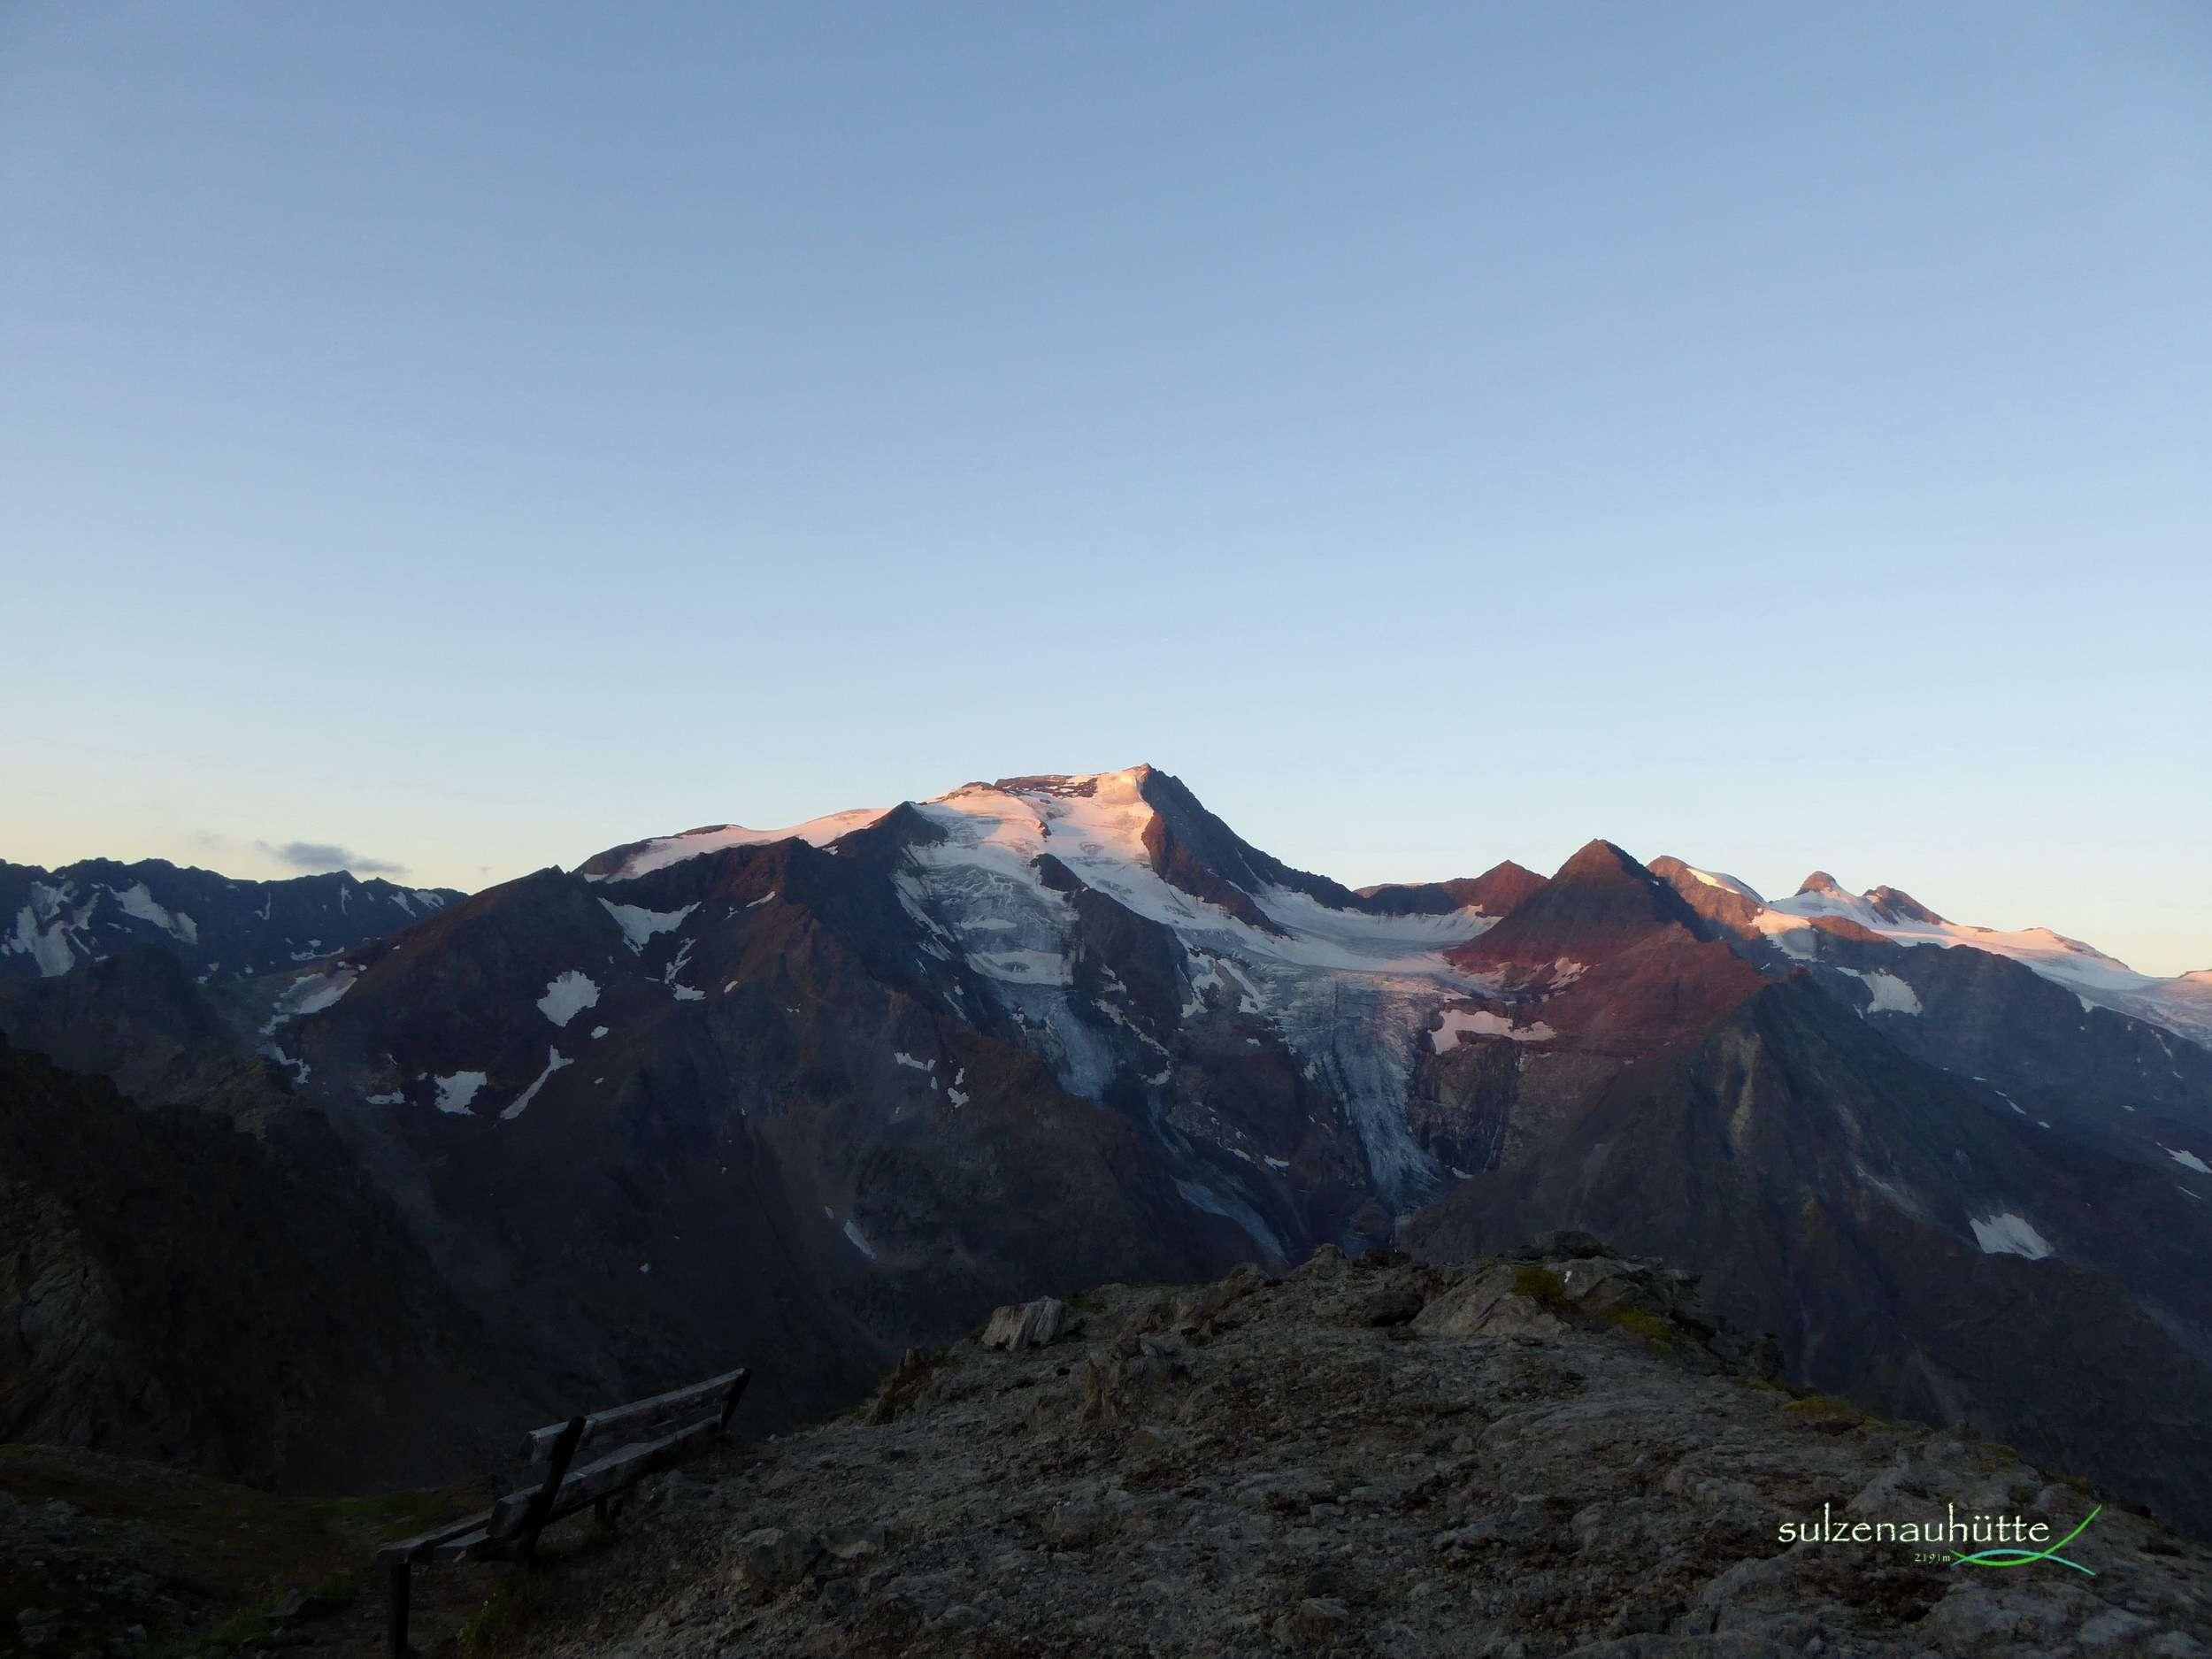 Wilder Freiger und Sulzenaukogel bei Sonnenaufgang